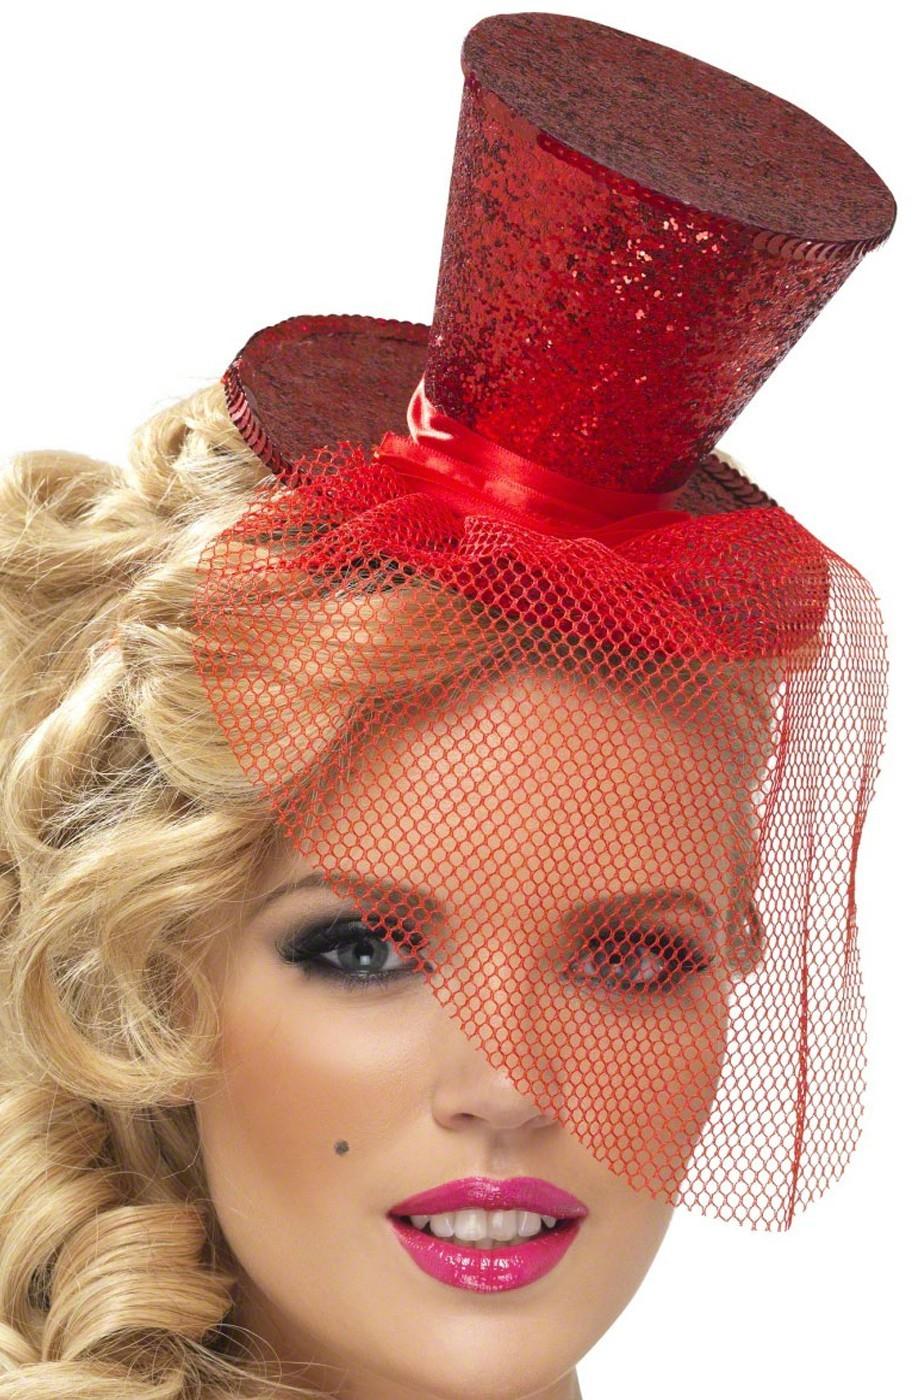 Cappello burlesque in paillette su cerchietto rosso 88bac4c16c16